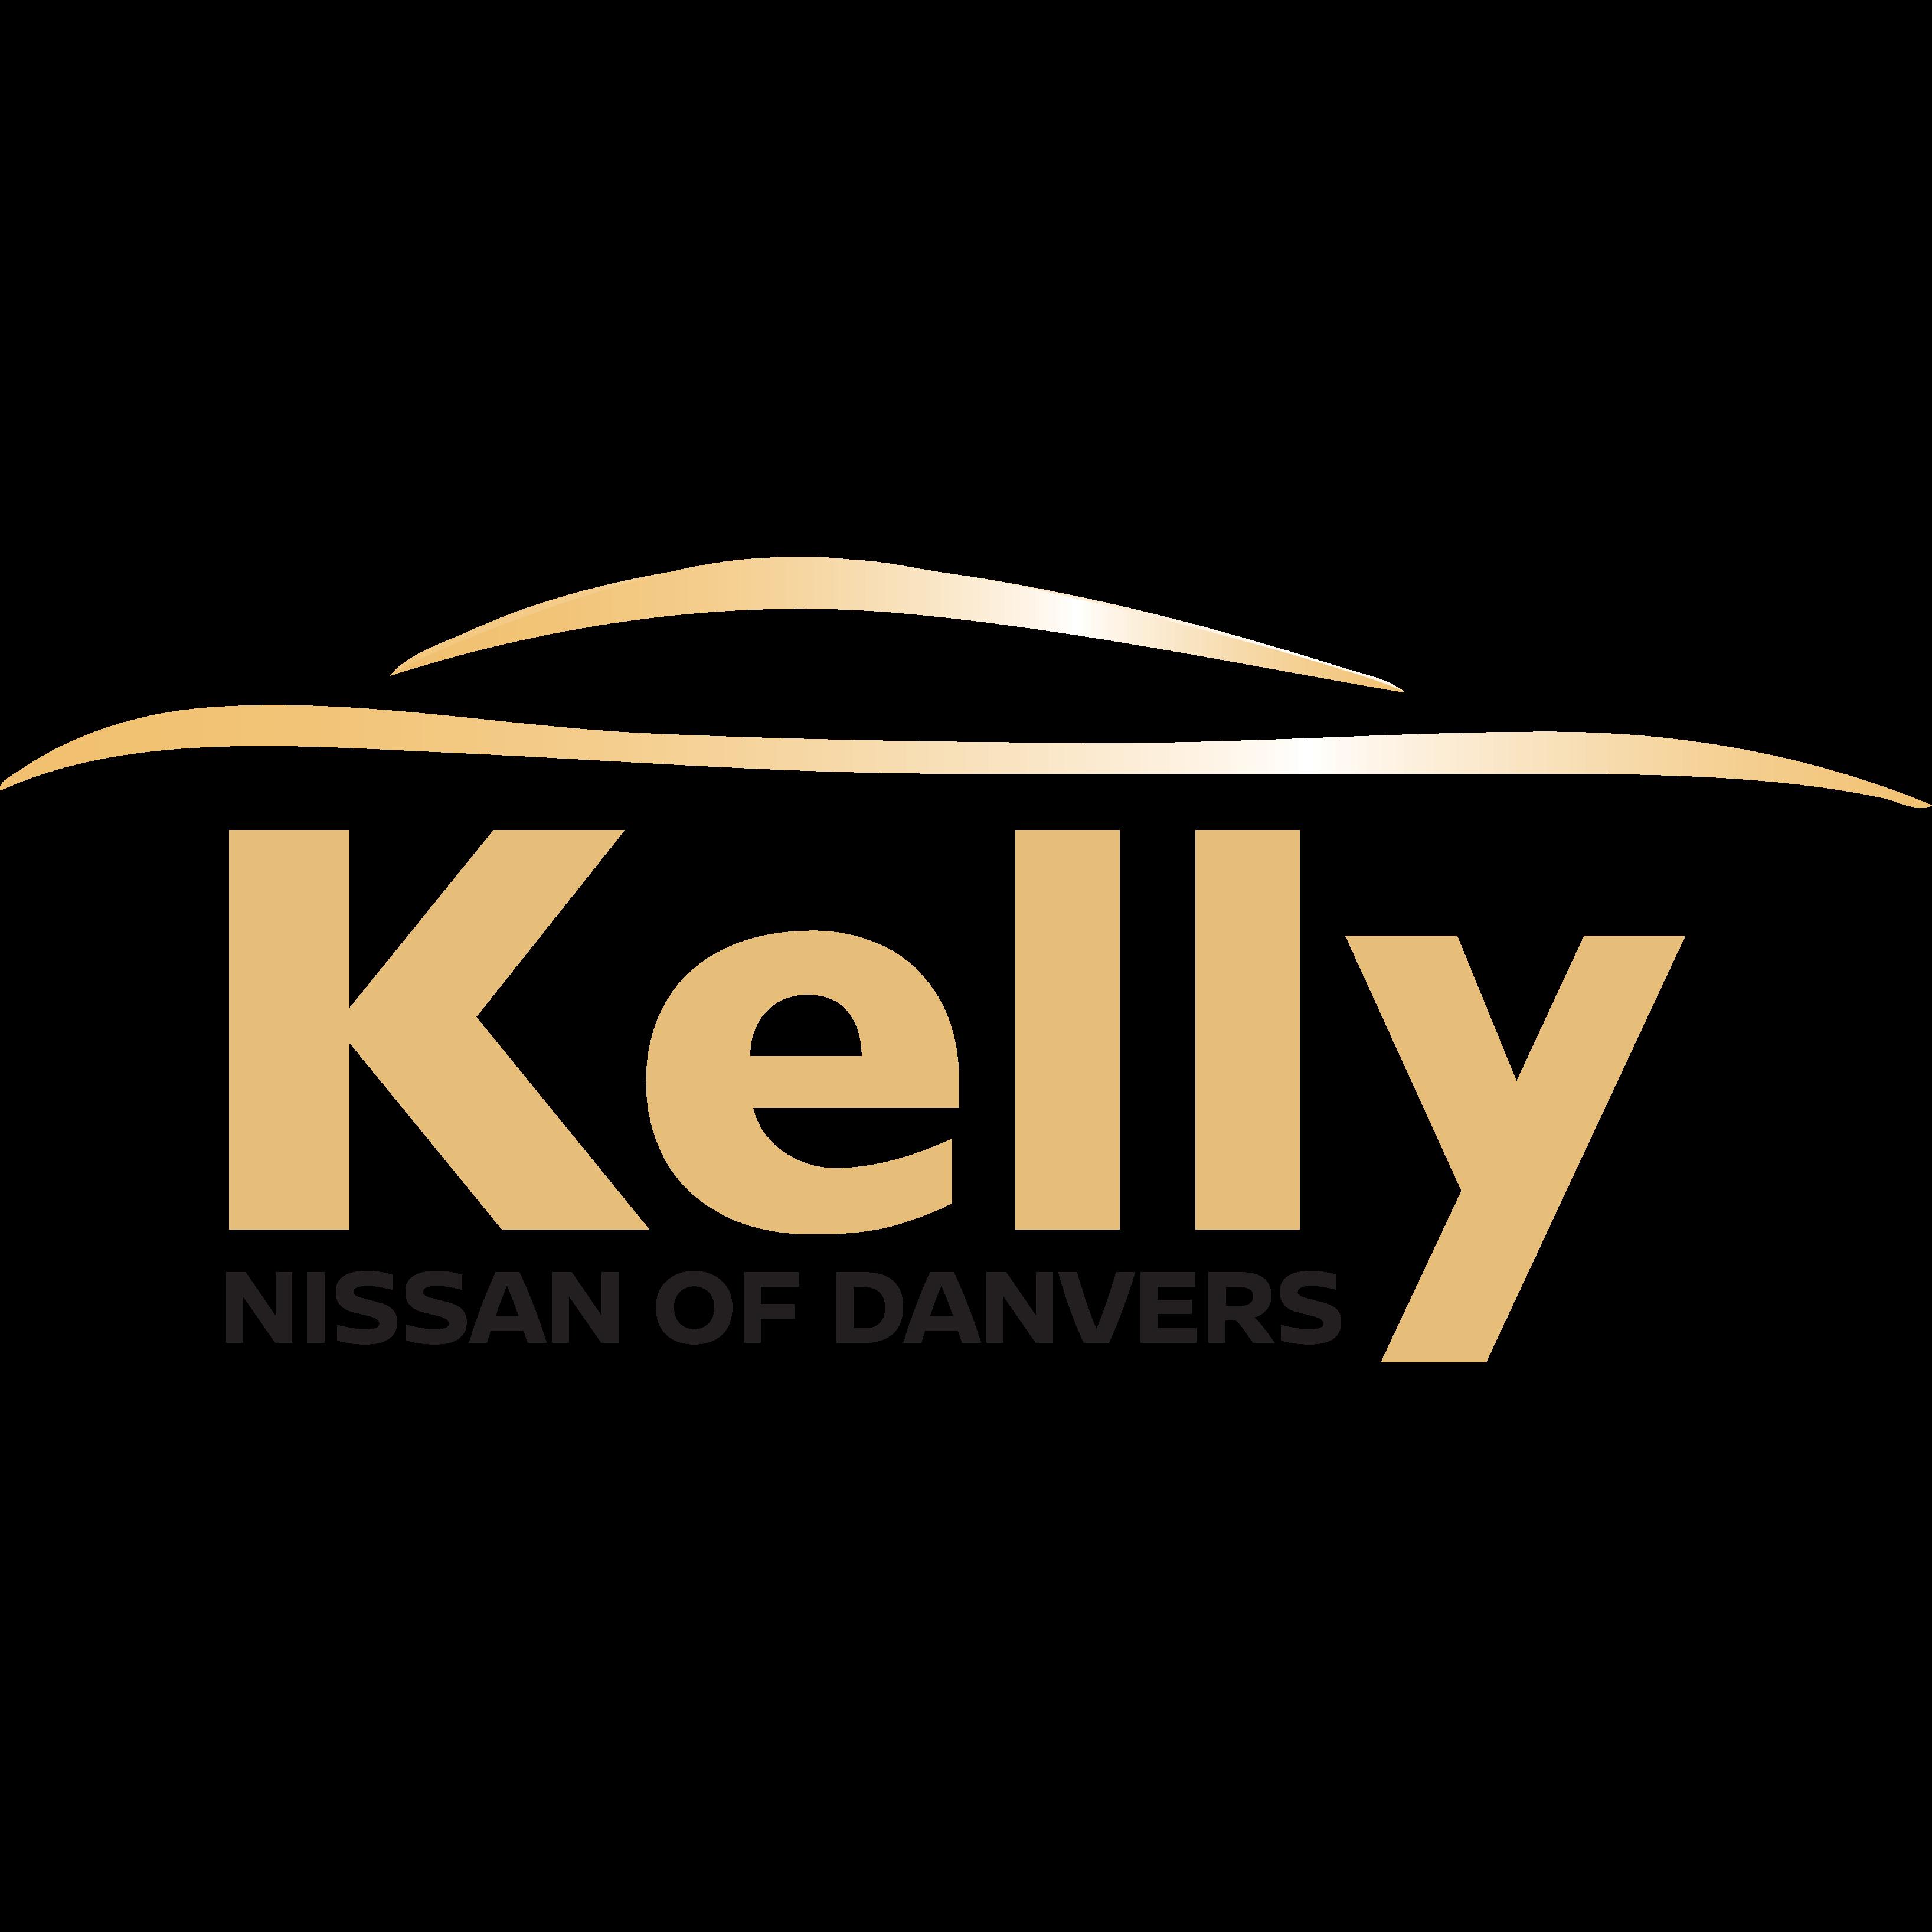 Kelly Nissan of Danvers - CLOSED